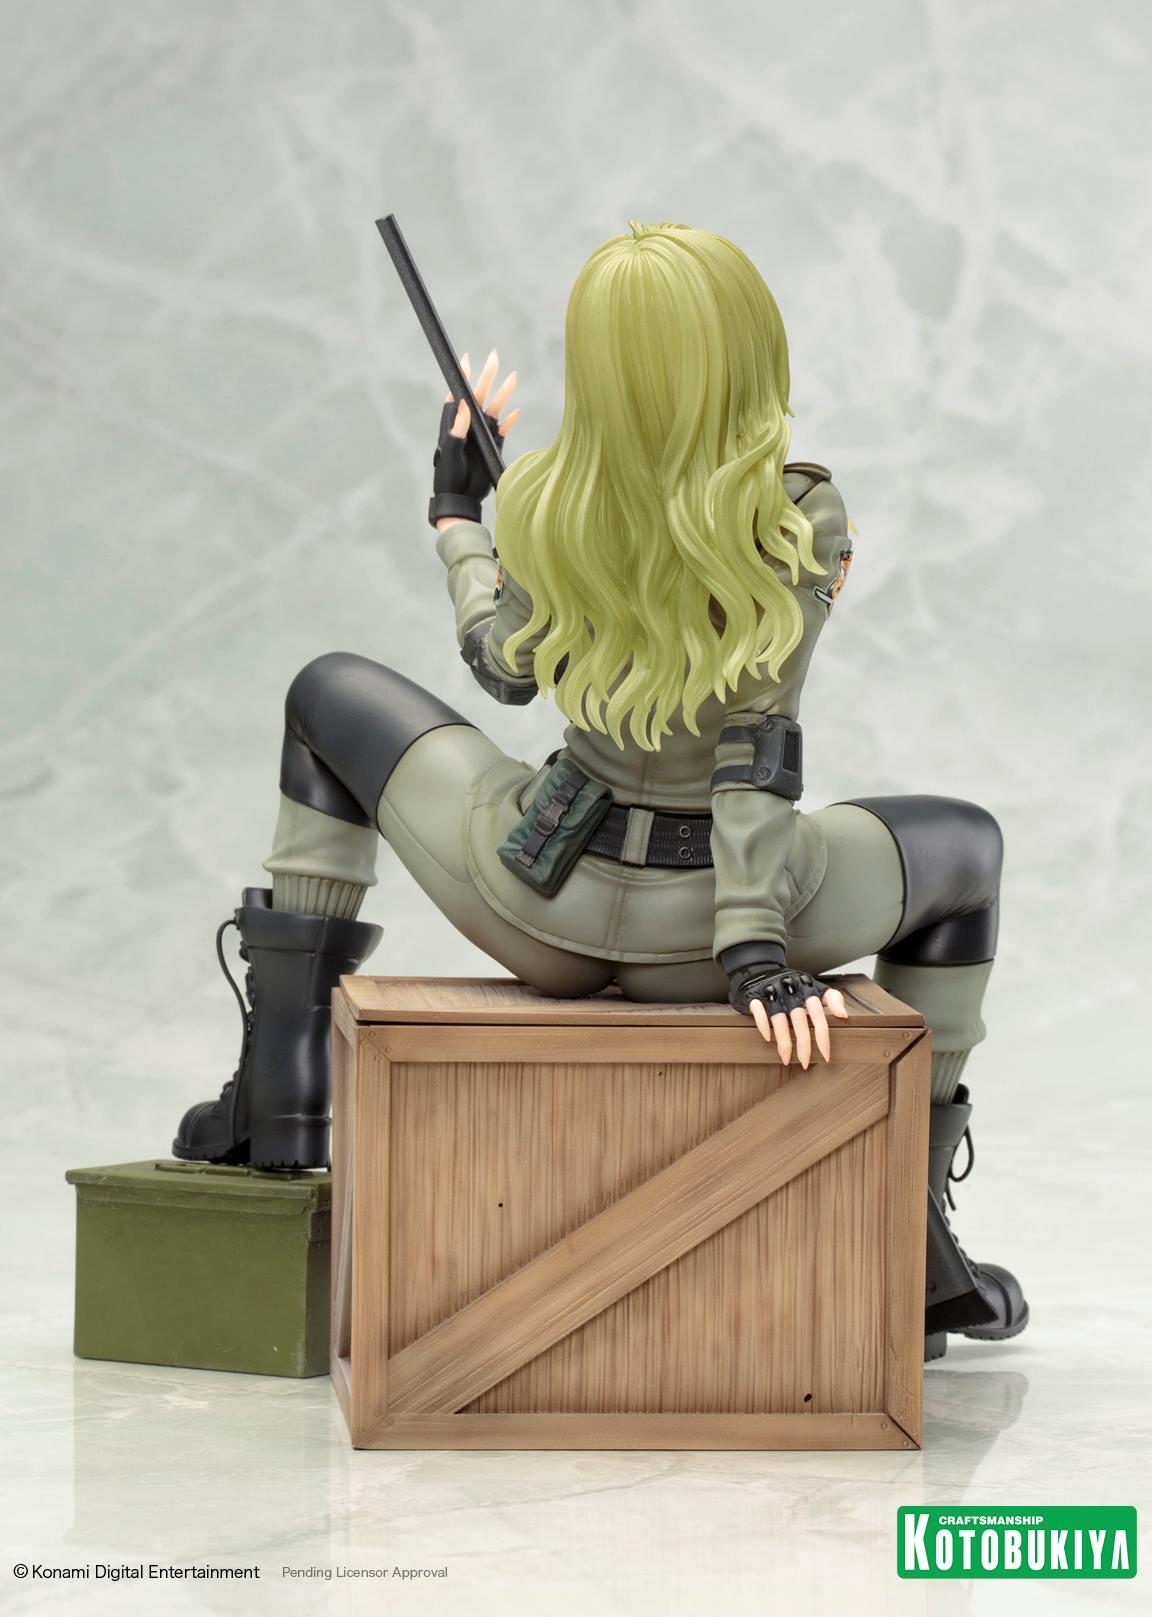 sniper-wolf-metal-gear-solid-bishoujo-statue-kotobukiya-4